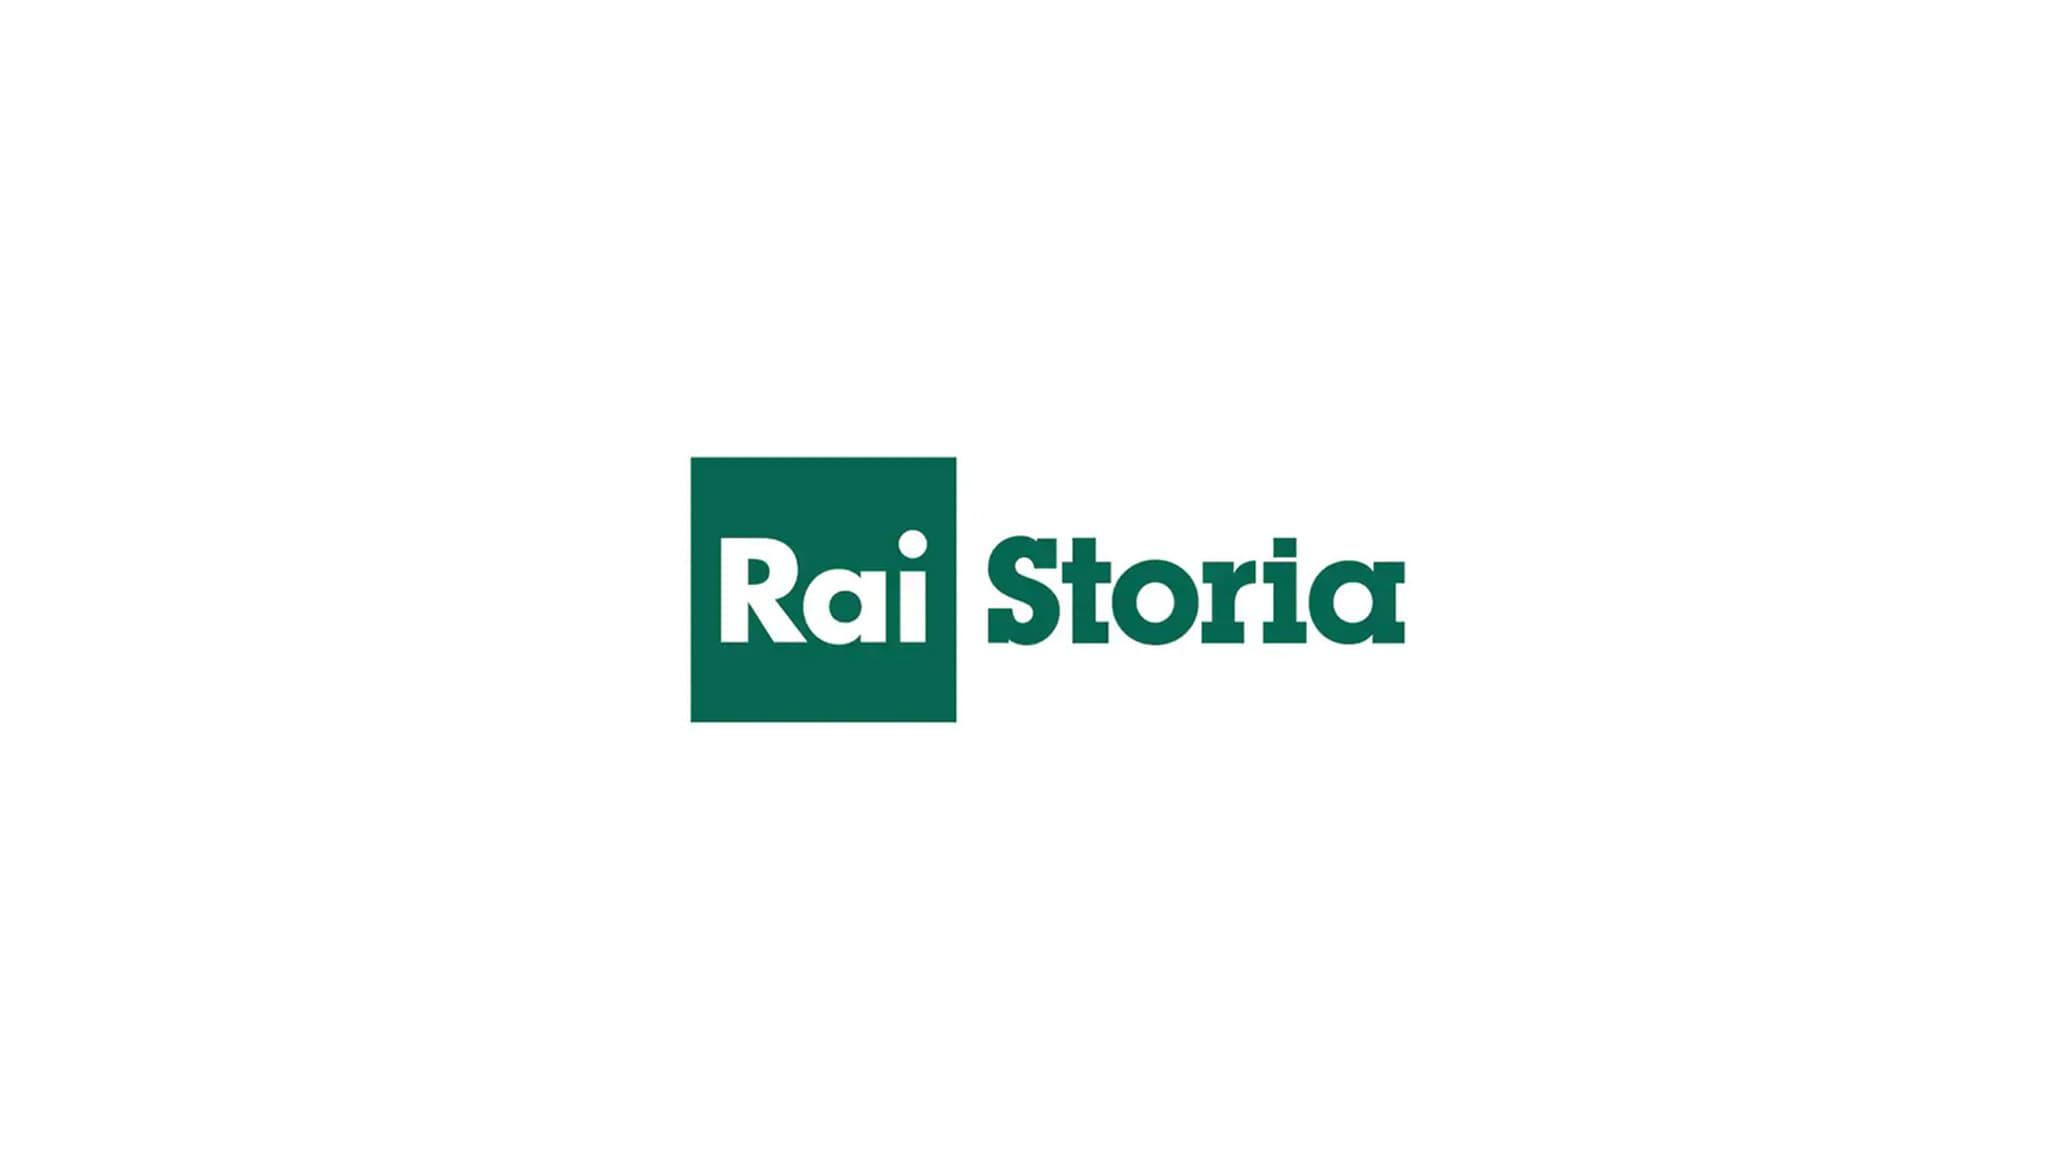 Rai Storia Eventi 20-'21 -  Domenica con Carla Fracci pt. 1